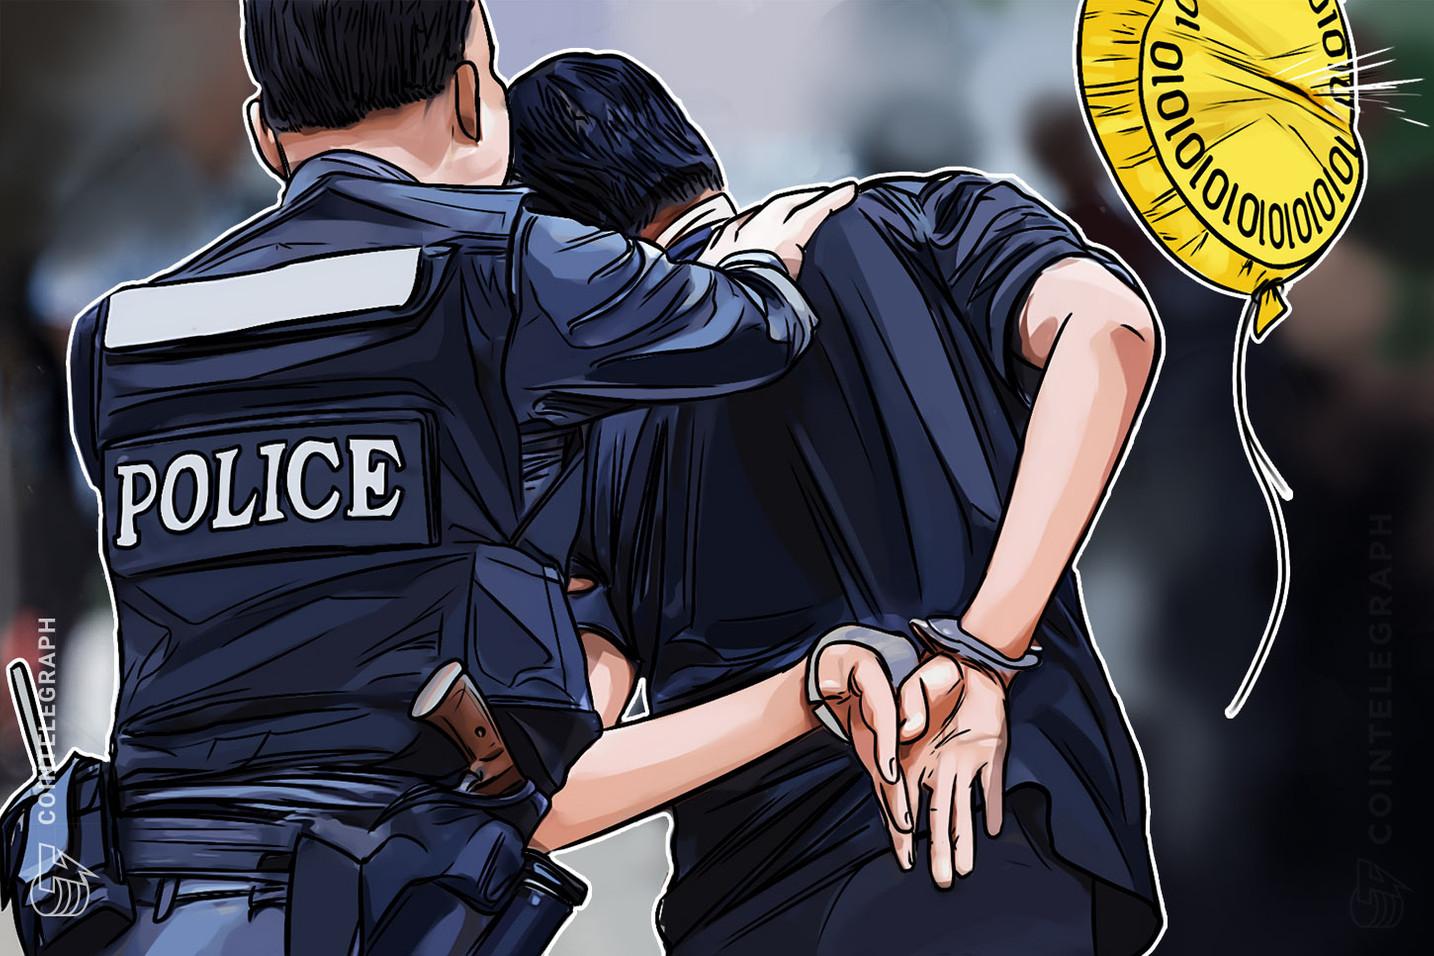 """عاجل: احتجاز مؤسس بورصة العملات المشفرة """"أوكي إكس"""" بتهم الاحتيال بالعملات المشفرة في الصين"""